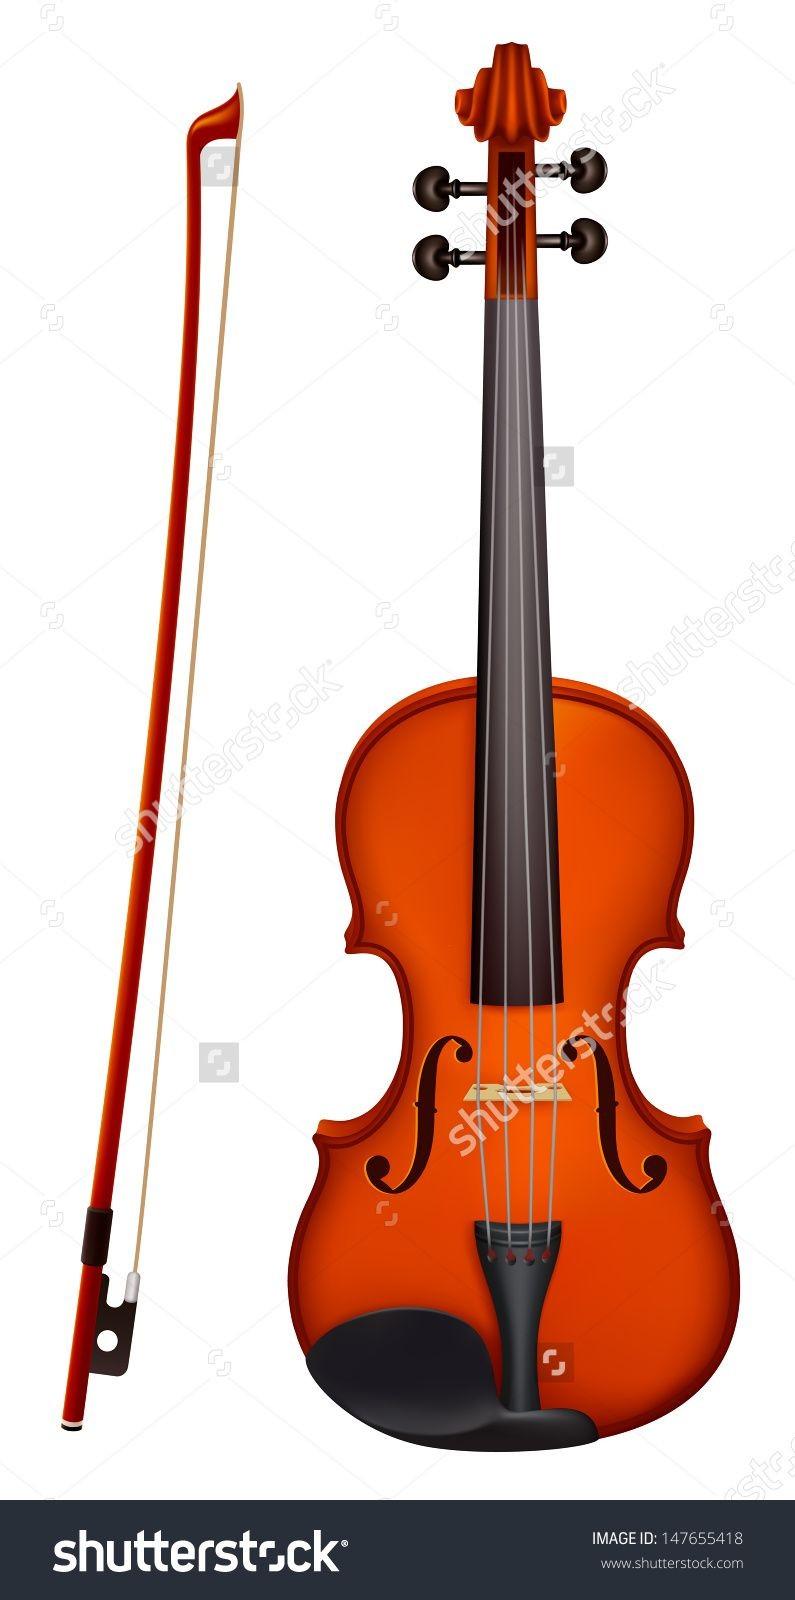 Violin Papercraft Deviser Shutterstock Vector Illustration isolated Vector Violin